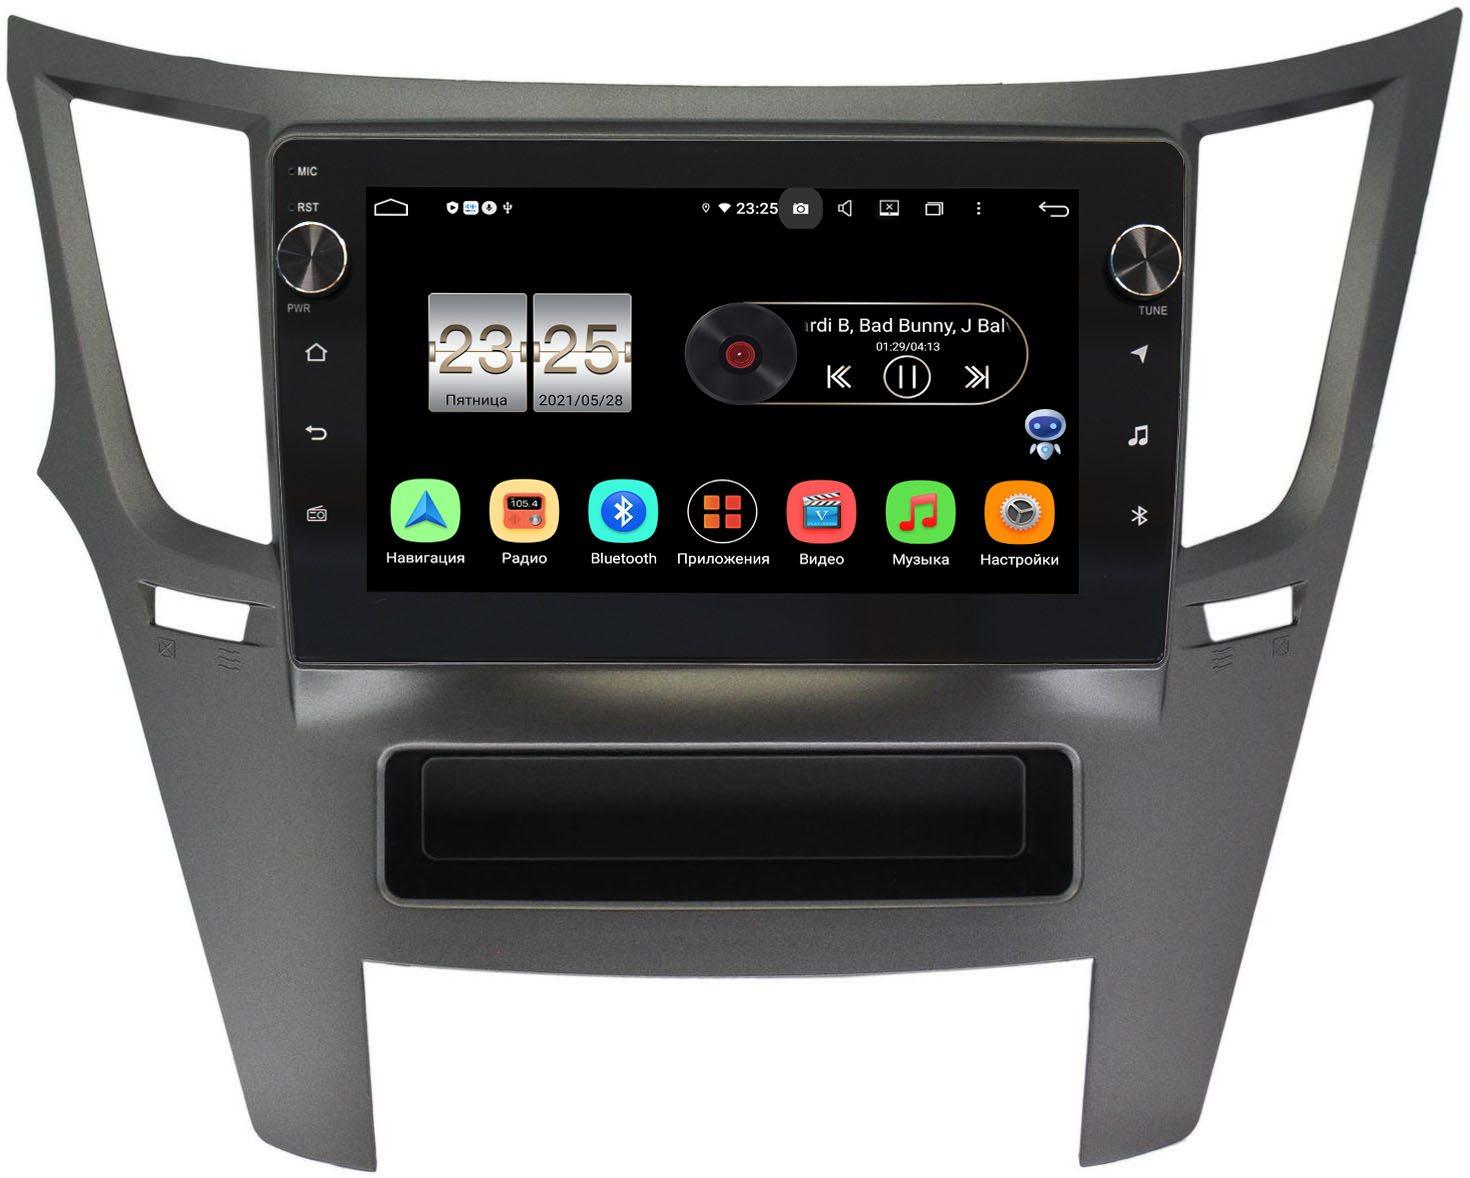 Штатная магнитола Subaru Legacy V 2009-2014, Outback IV 2009-2014 LeTrun BPX409-9051 на Android 10 (4/32, DSP, IPS, с голосовым ассистентом, с крутилками) (+ Камера заднего вида в подарок!)